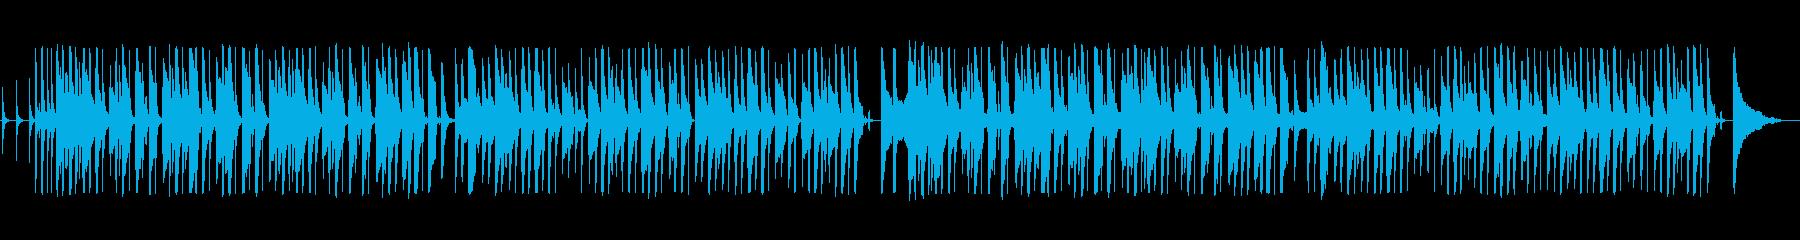 南国風アレンジのラグタイムの再生済みの波形